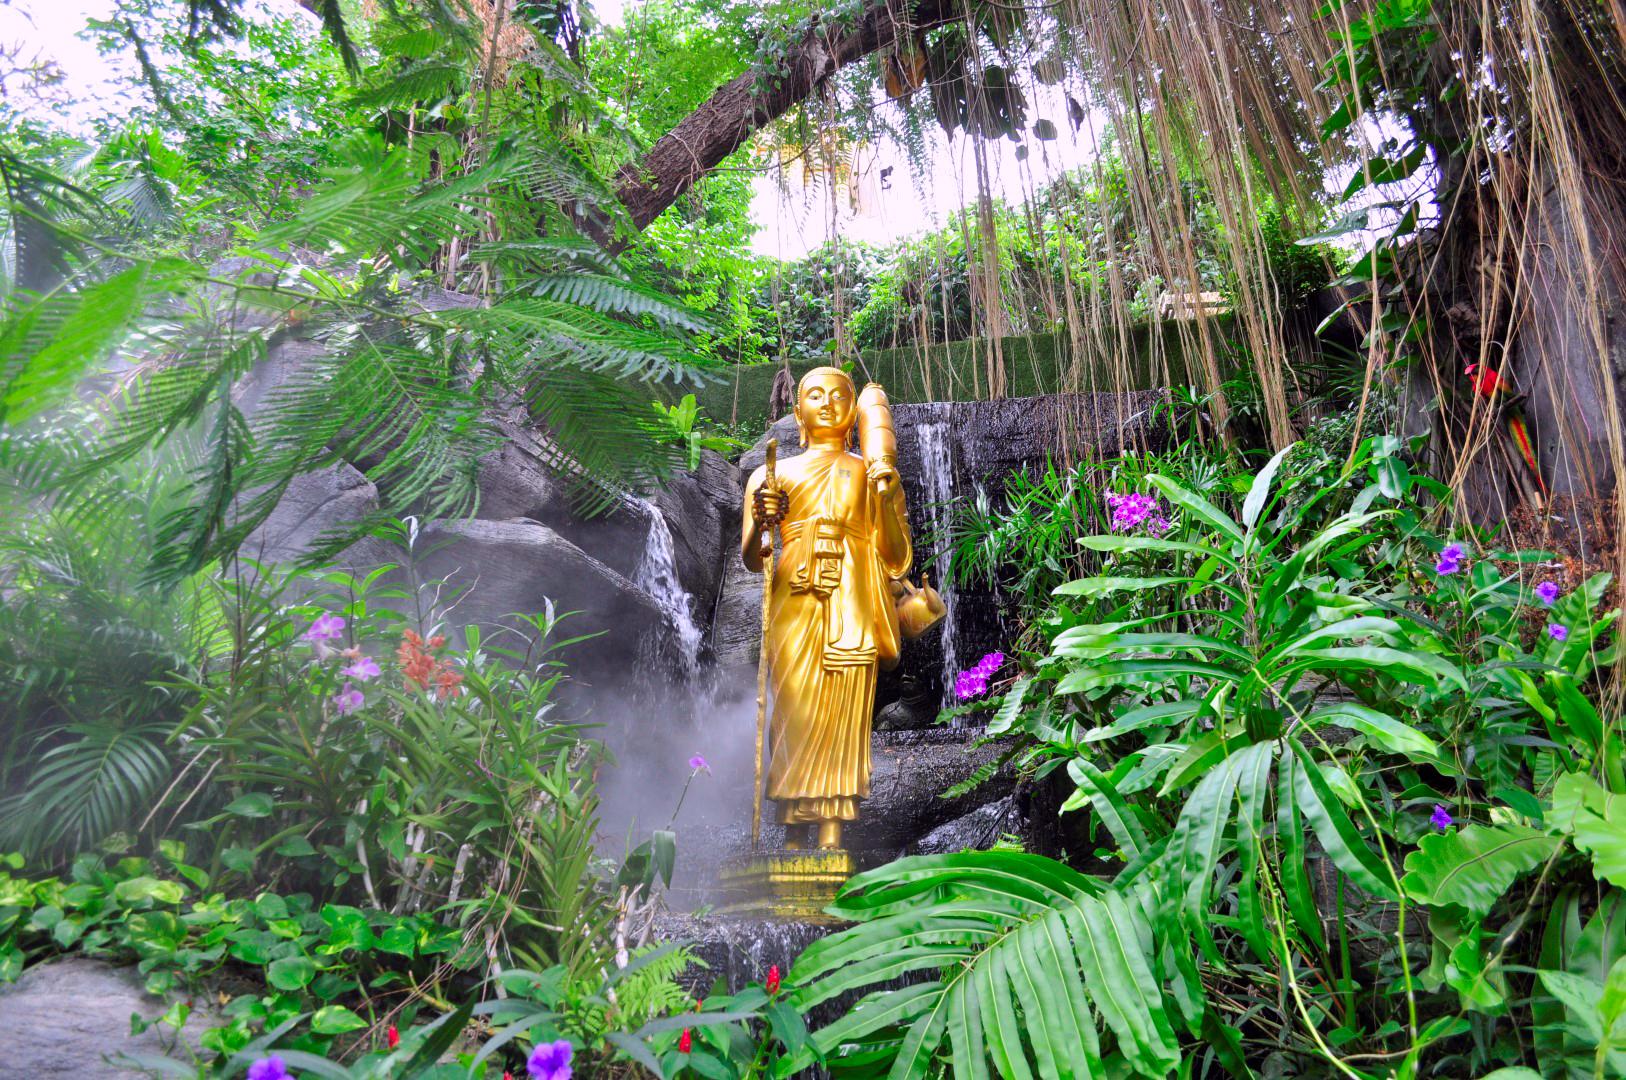 Qué hacer en Bangkok, qué ver en Bangkok, Tailandia qué hacer en bangkok - 26707311818 3cfa5dec2b o - Qué hacer en Bangkok para descubrir su estilo de vida